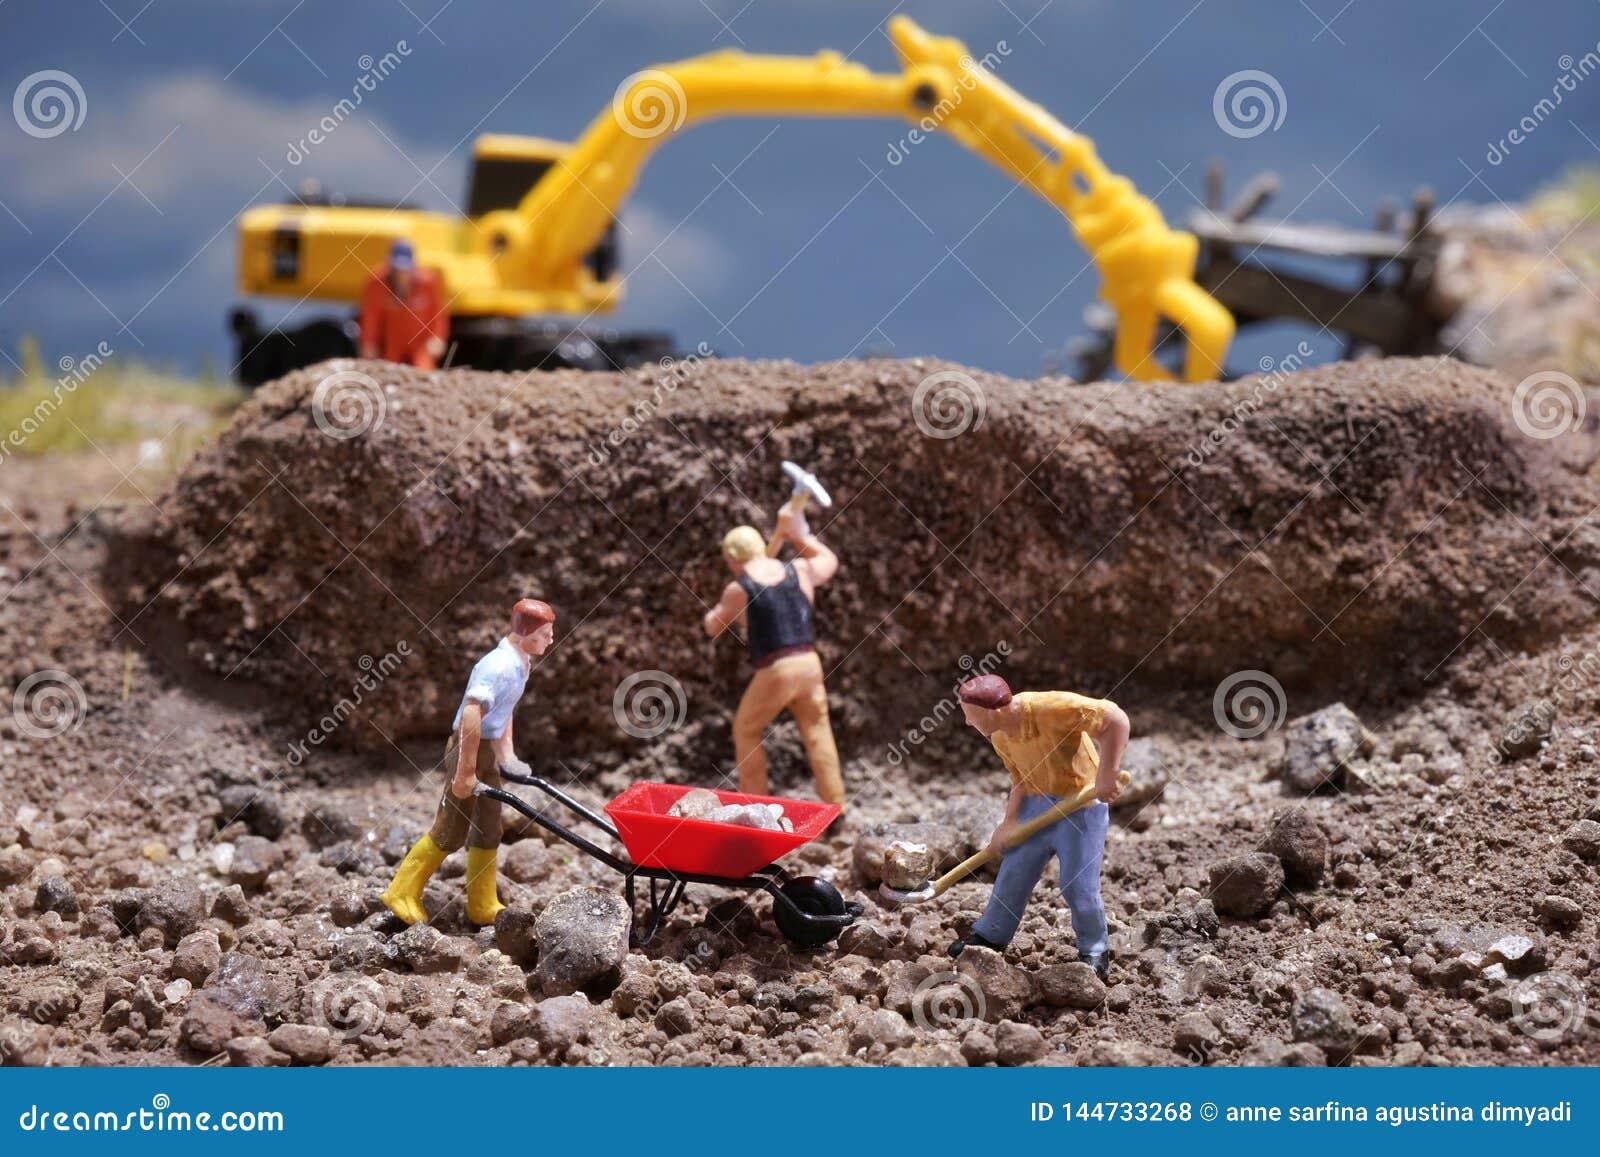 MiniatureContruction arbetare som arbetar lyftande stenen genom att använda skyffeln